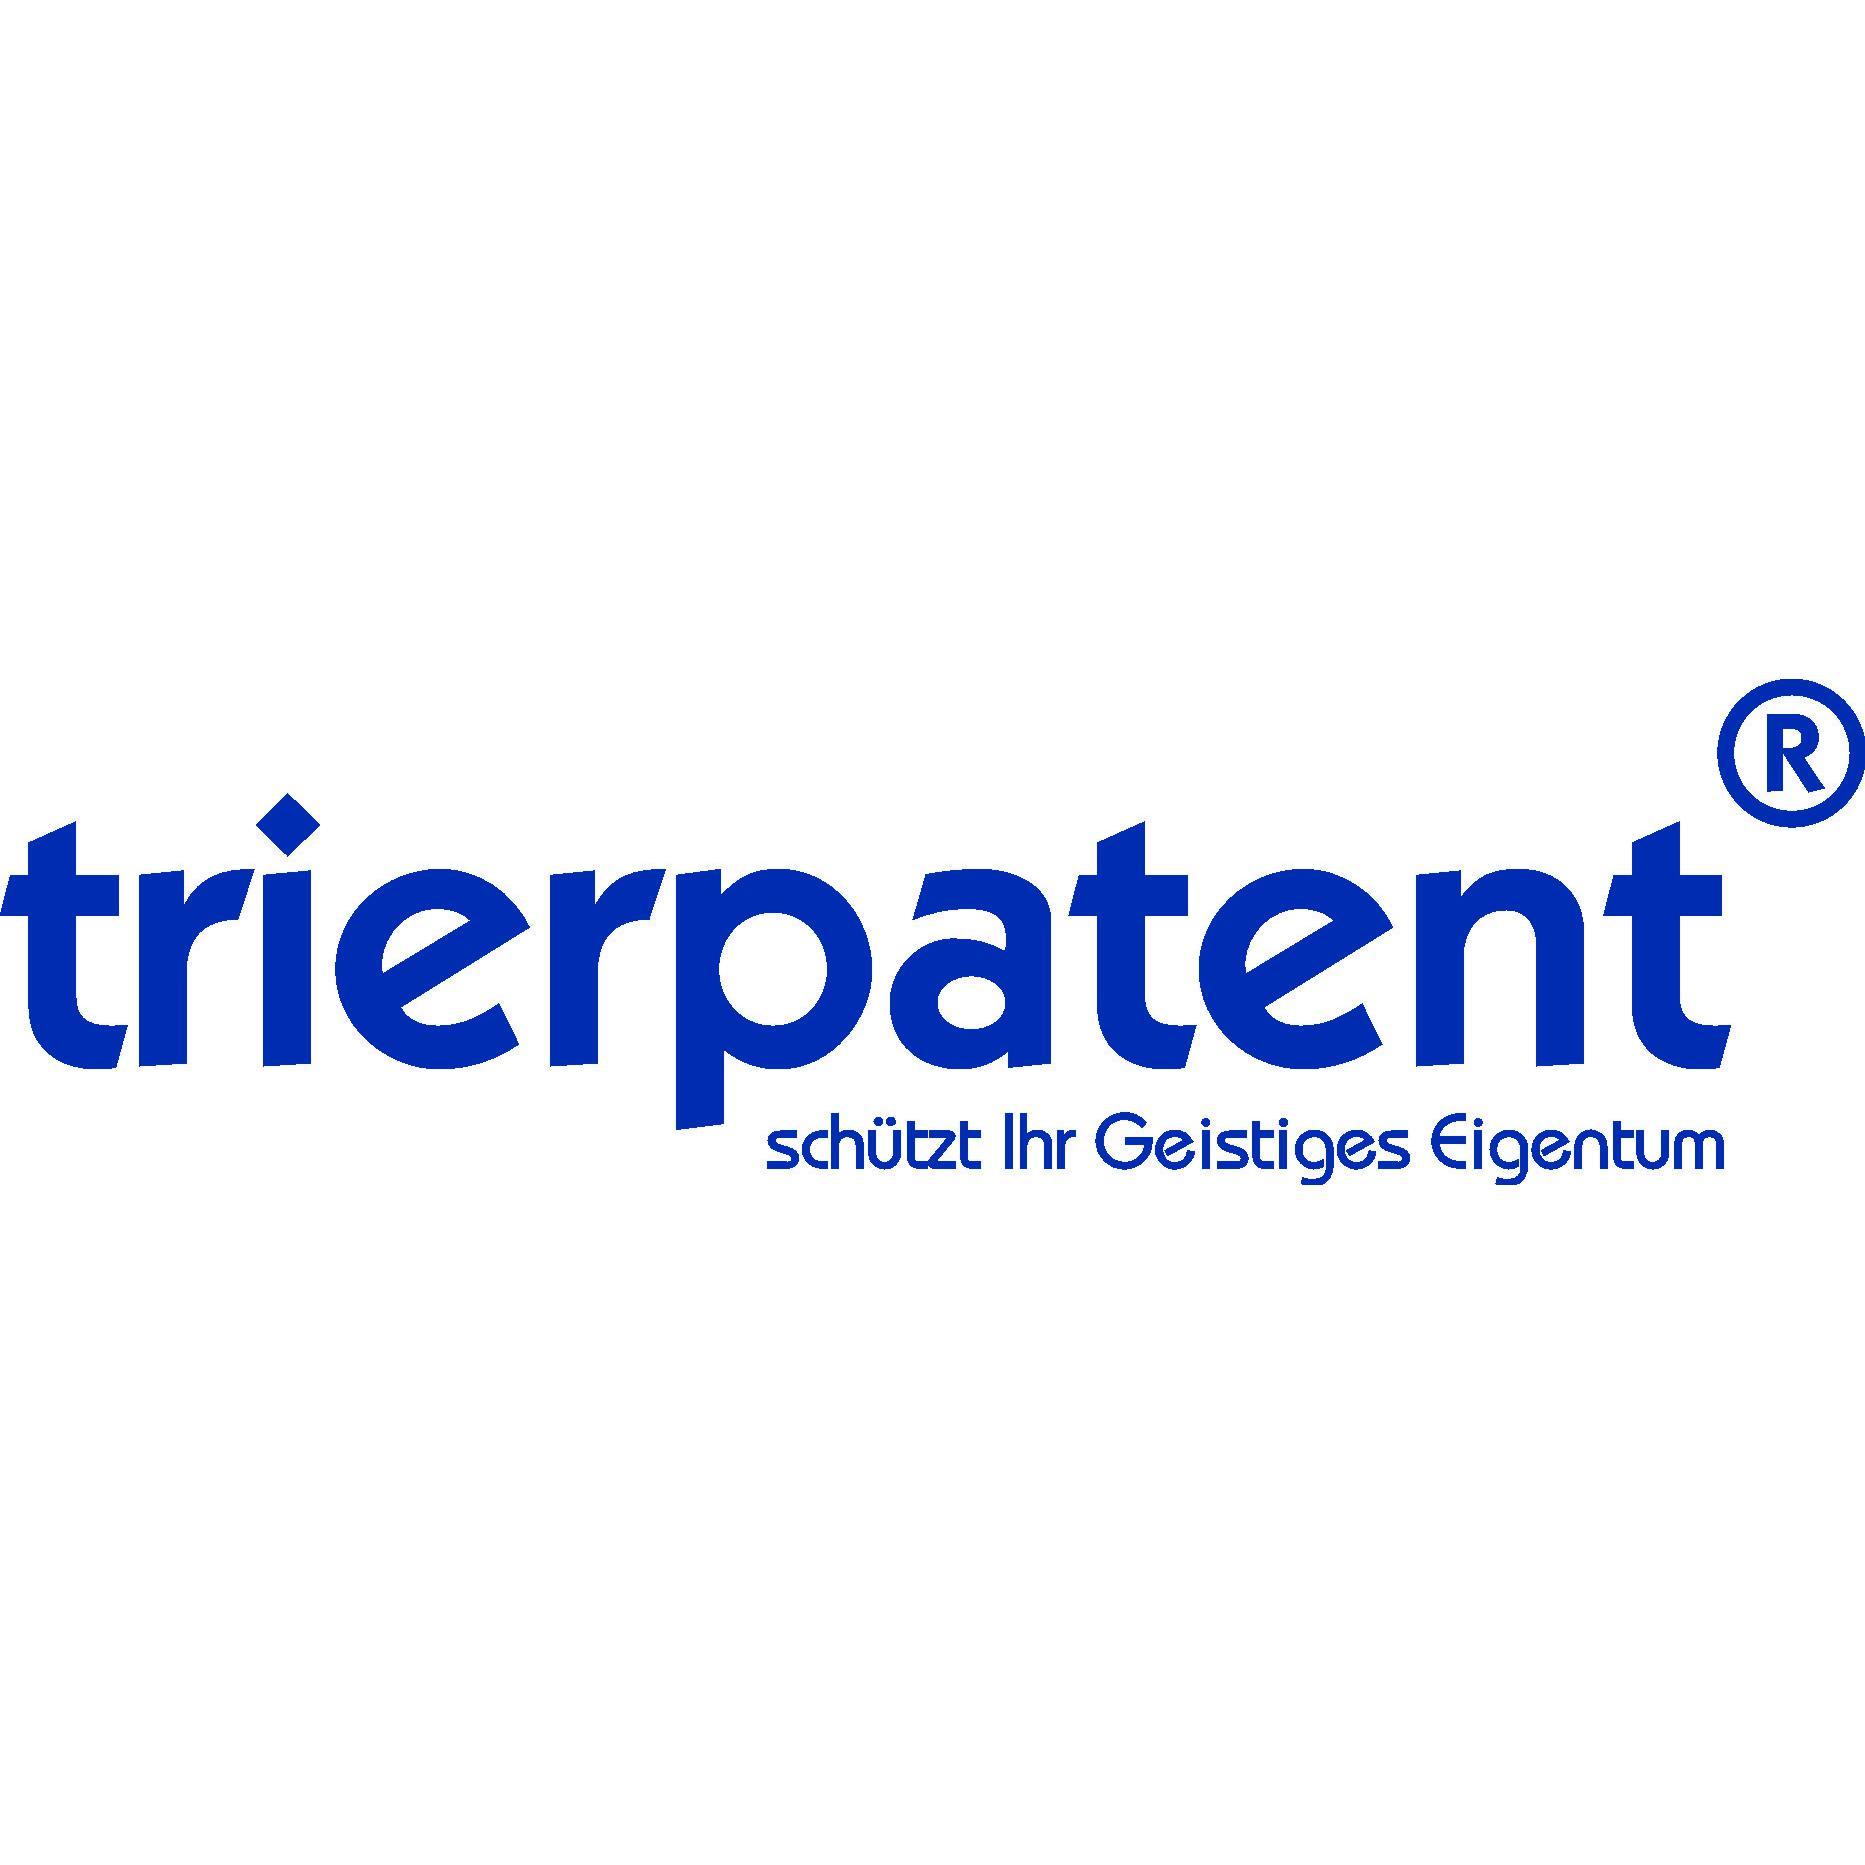 Bild zu Patentanwalt Dr.-Ing. Jörg Wagner, trierpatent in Trier